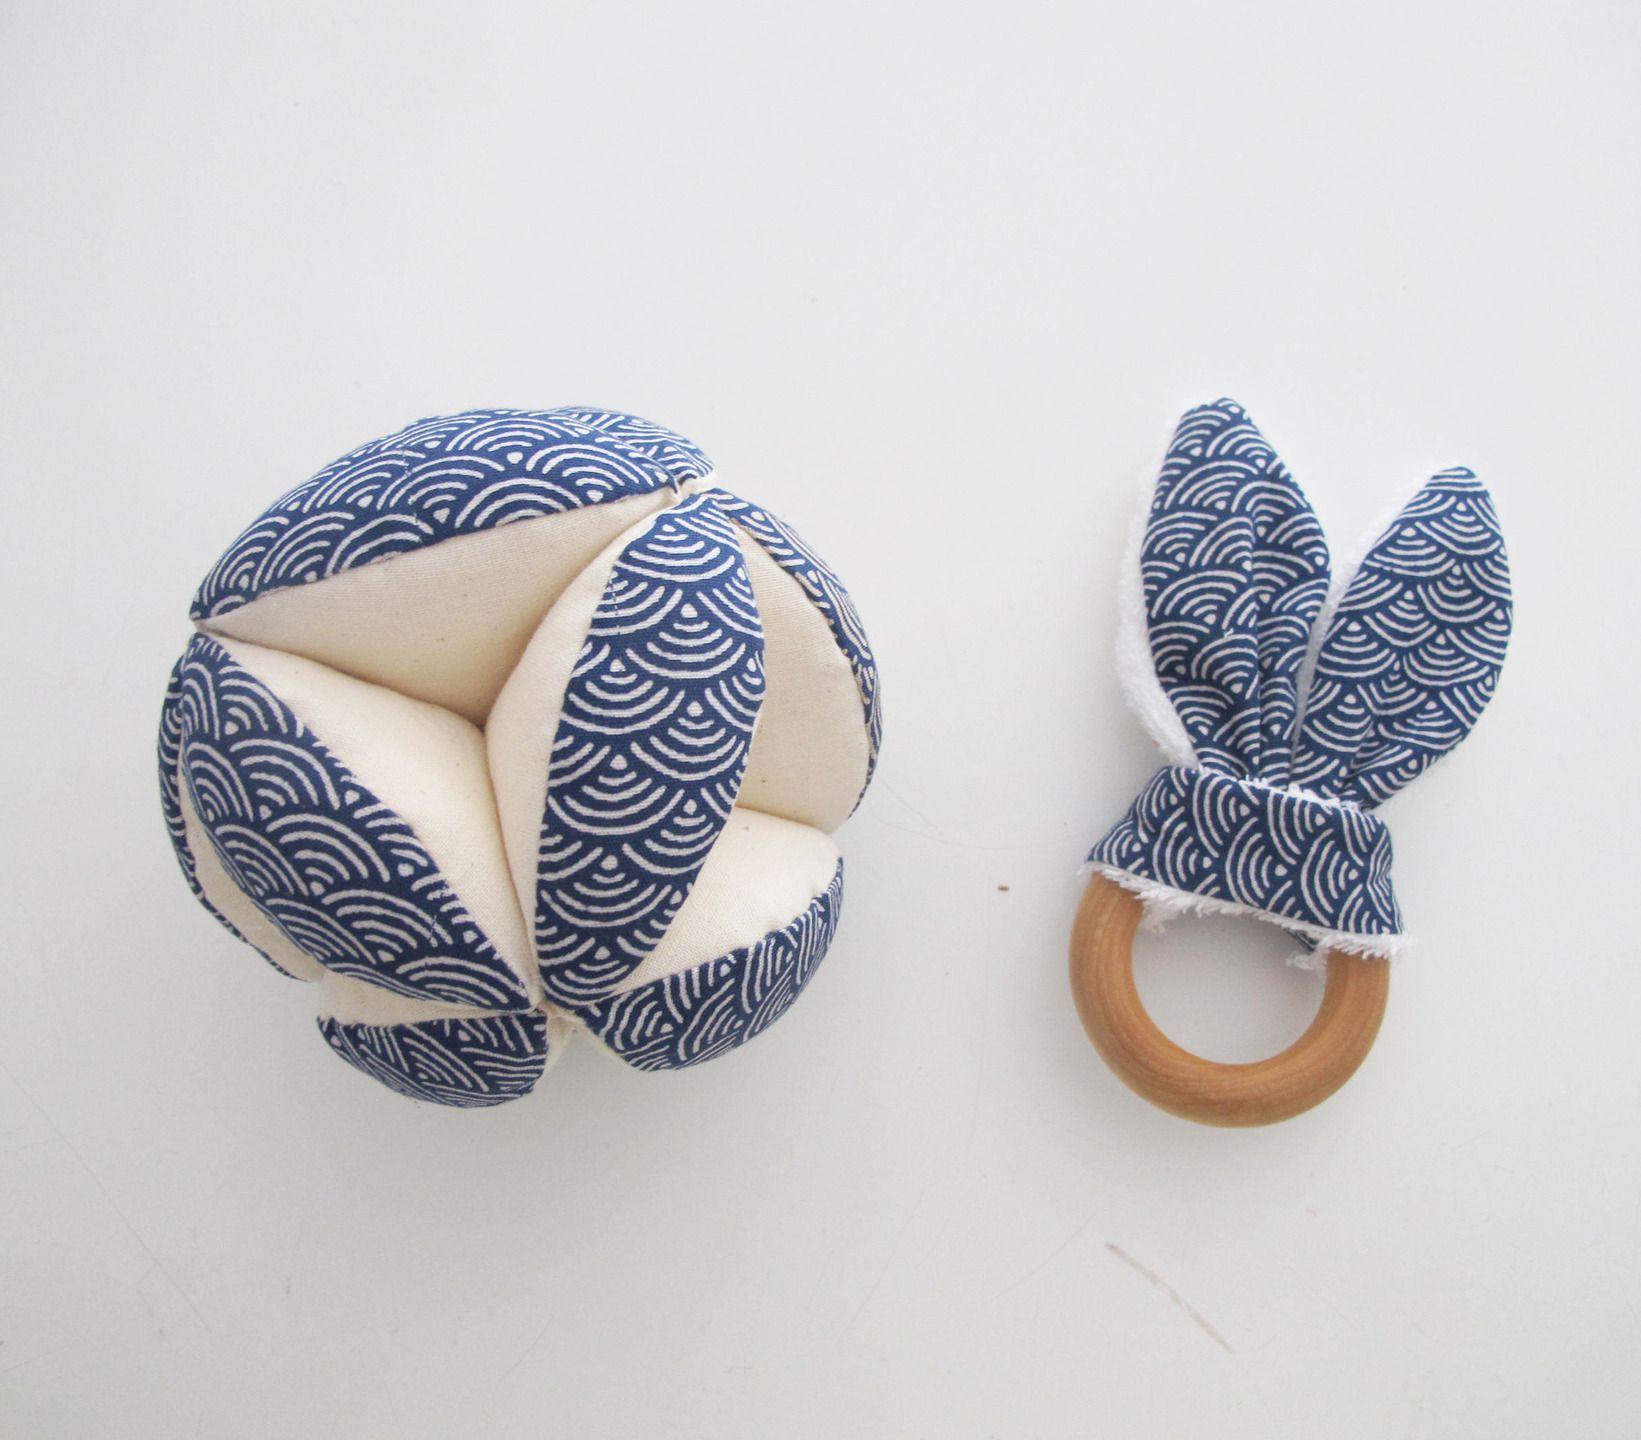 sur commande ensemble balle de pr hension montessori et doudou lapin tissu japonais motifs. Black Bedroom Furniture Sets. Home Design Ideas